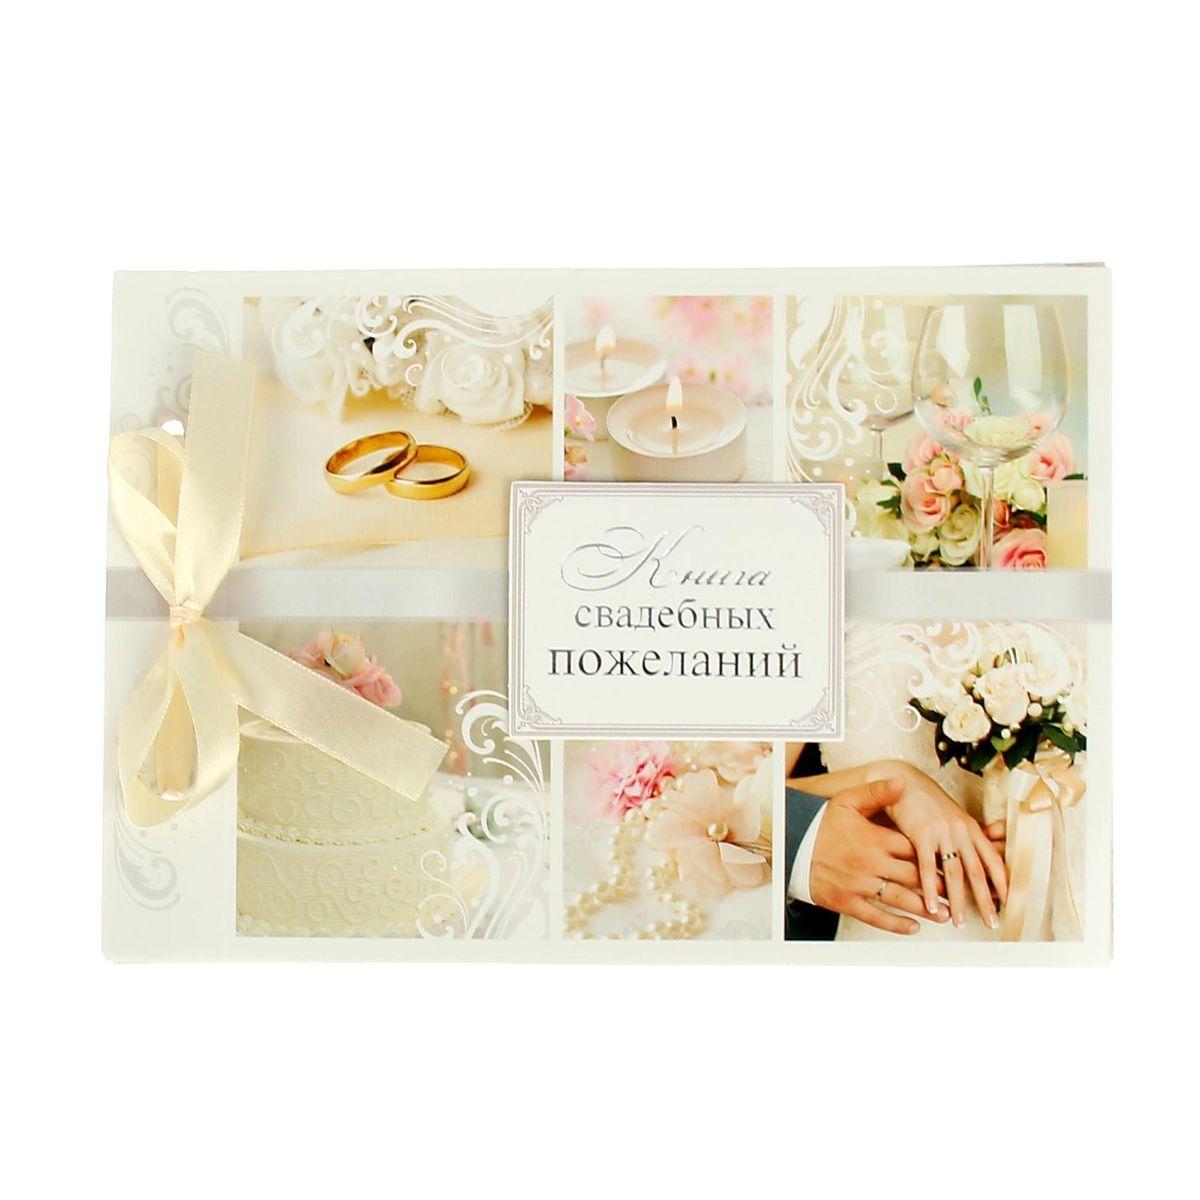 Sima-land Книга свадебных пожеланий на ленте Пусть счастье ваше не кончается..., 24 л., 21 х 14,5 с531-402Теперь добрые слова и светлые поздравления останутся с вами на всю жизнь. Через много лет, перечитывая эту чудесную книгу, вы вместе со своей половинкой будете с улыбкой вспоминать о самом счастливом дне в вашей жизни. Сохраните счастливые воспоминания на долгие годы!